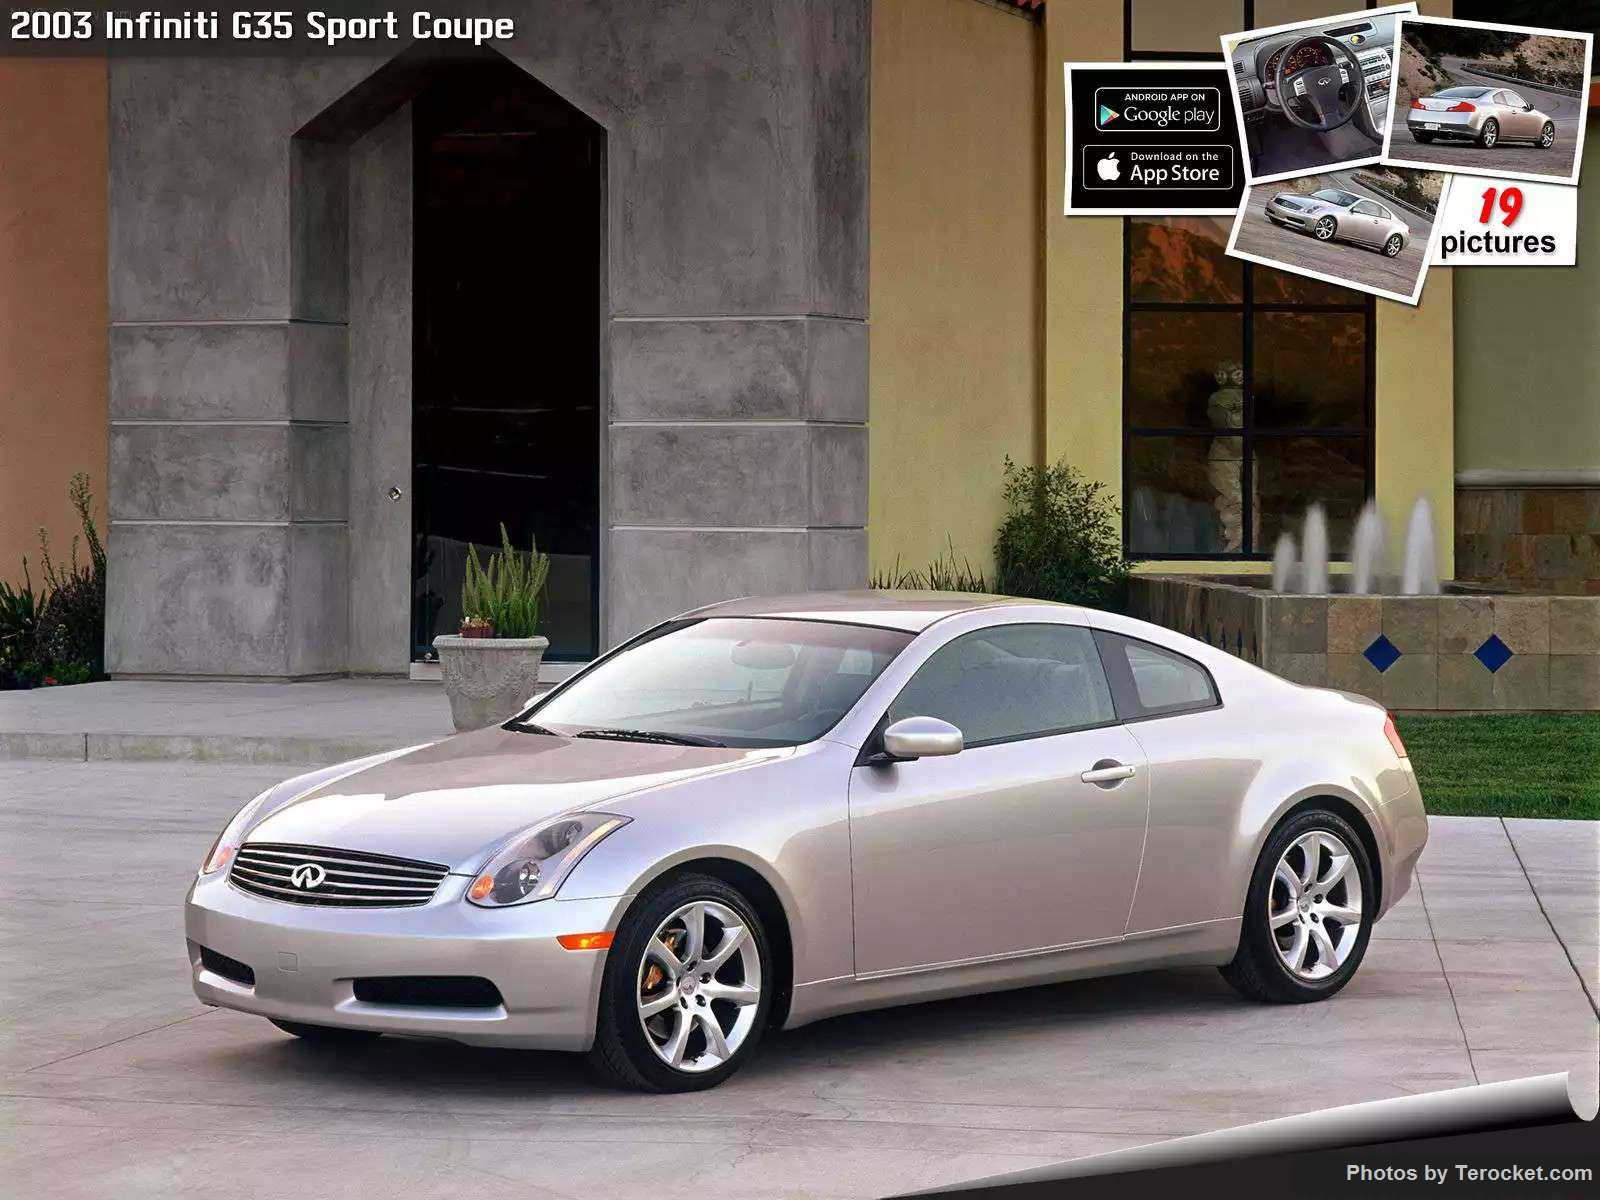 Hình ảnh xe ô tô Infiniti G35 Sport Coupe 2003 & nội ngoại thất